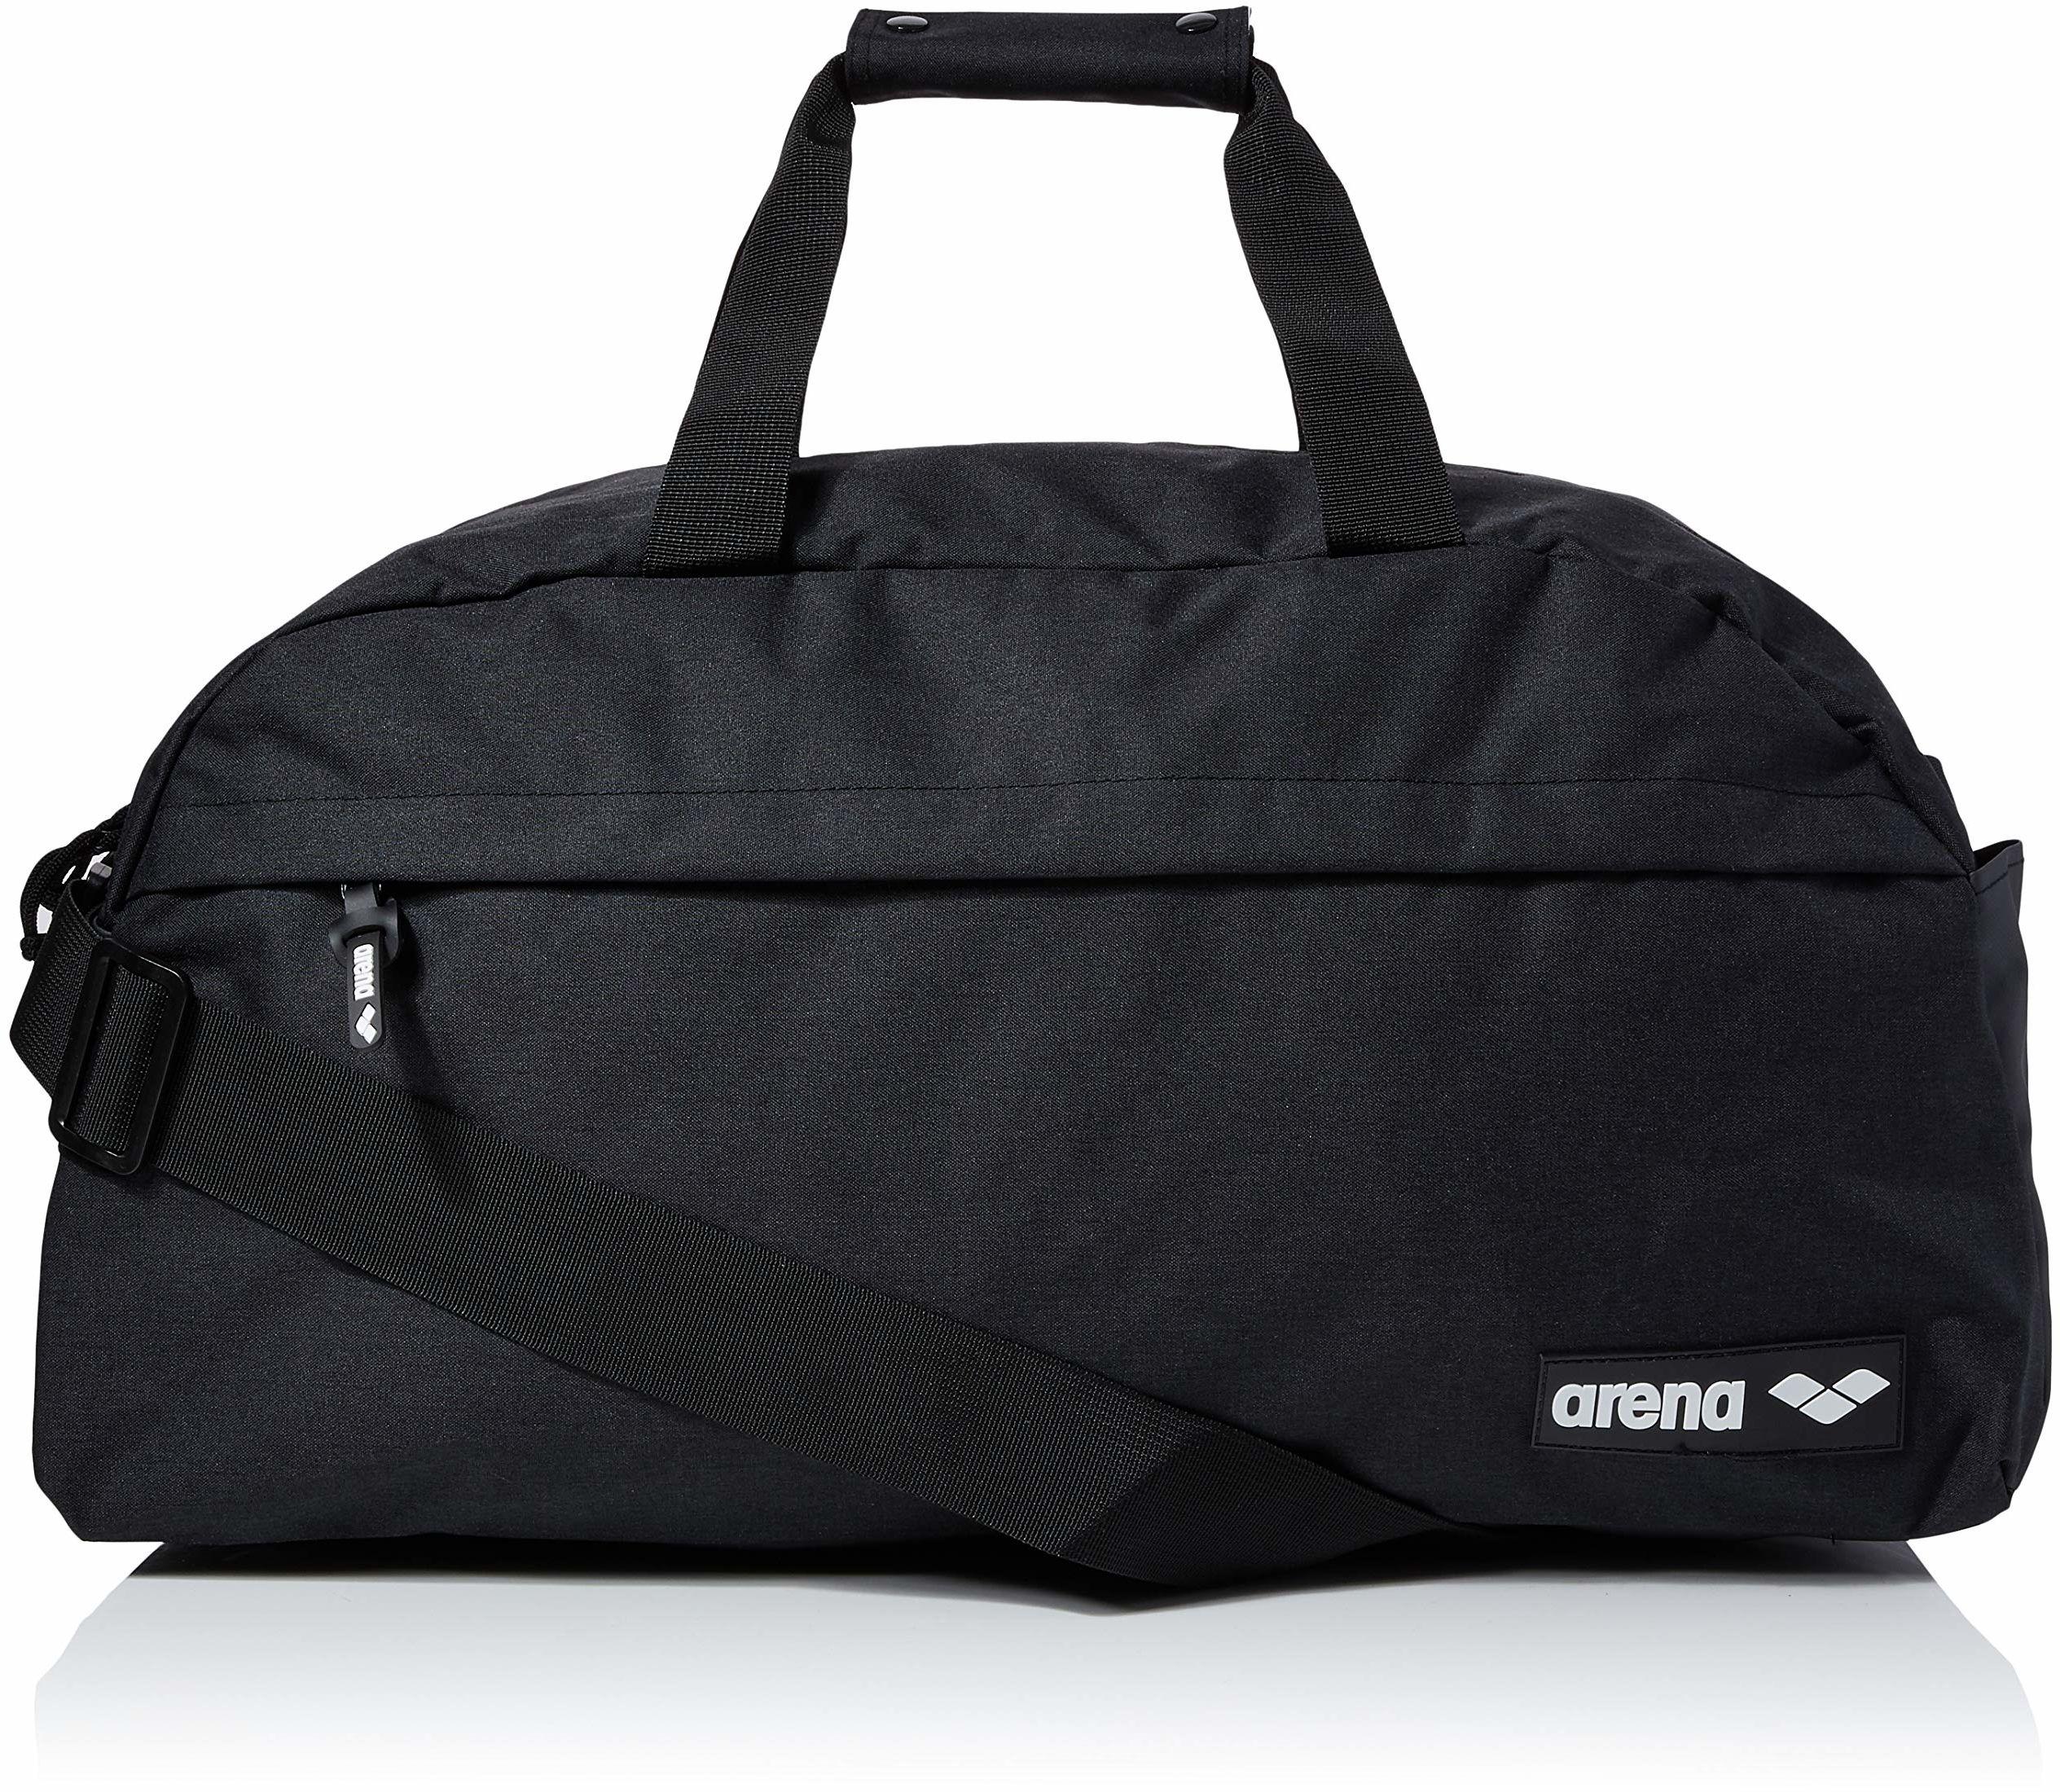 Arena Unisex Duffle torba sportowa Team 40 l czarny melanż, jeden rozmiar